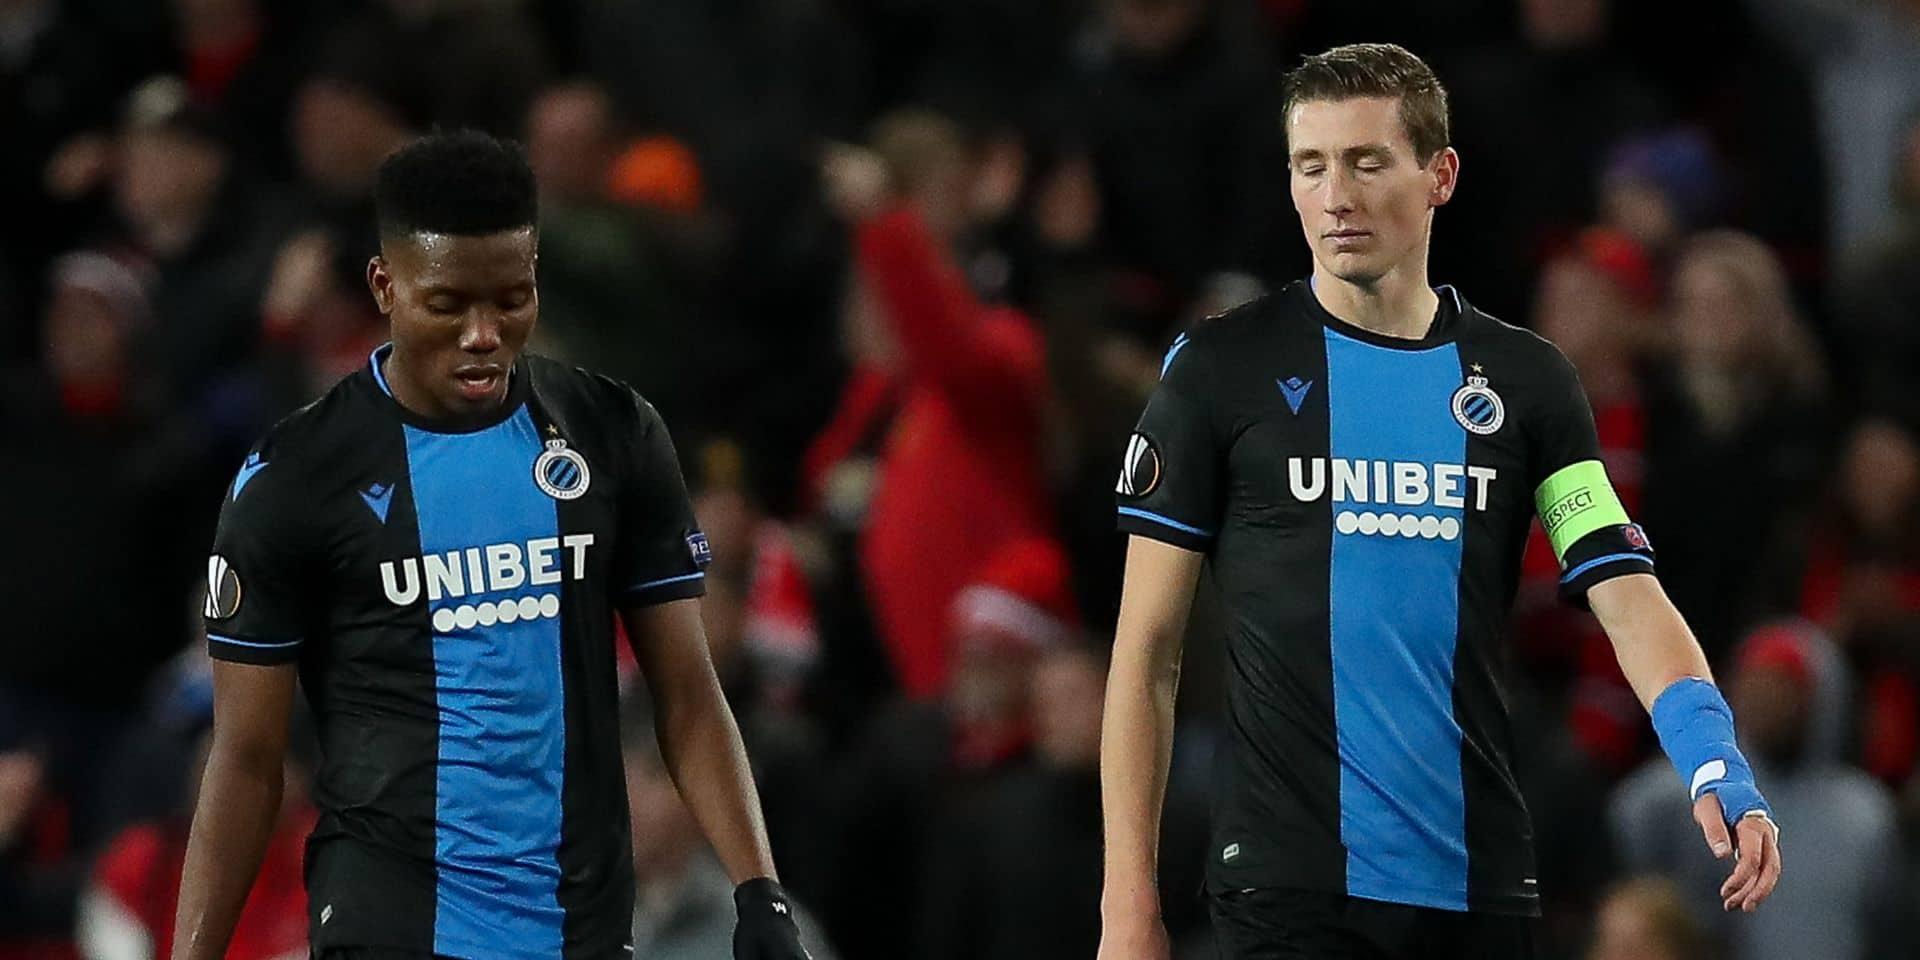 Le Club Bruges s'impose à Genk et relance la course au top-6